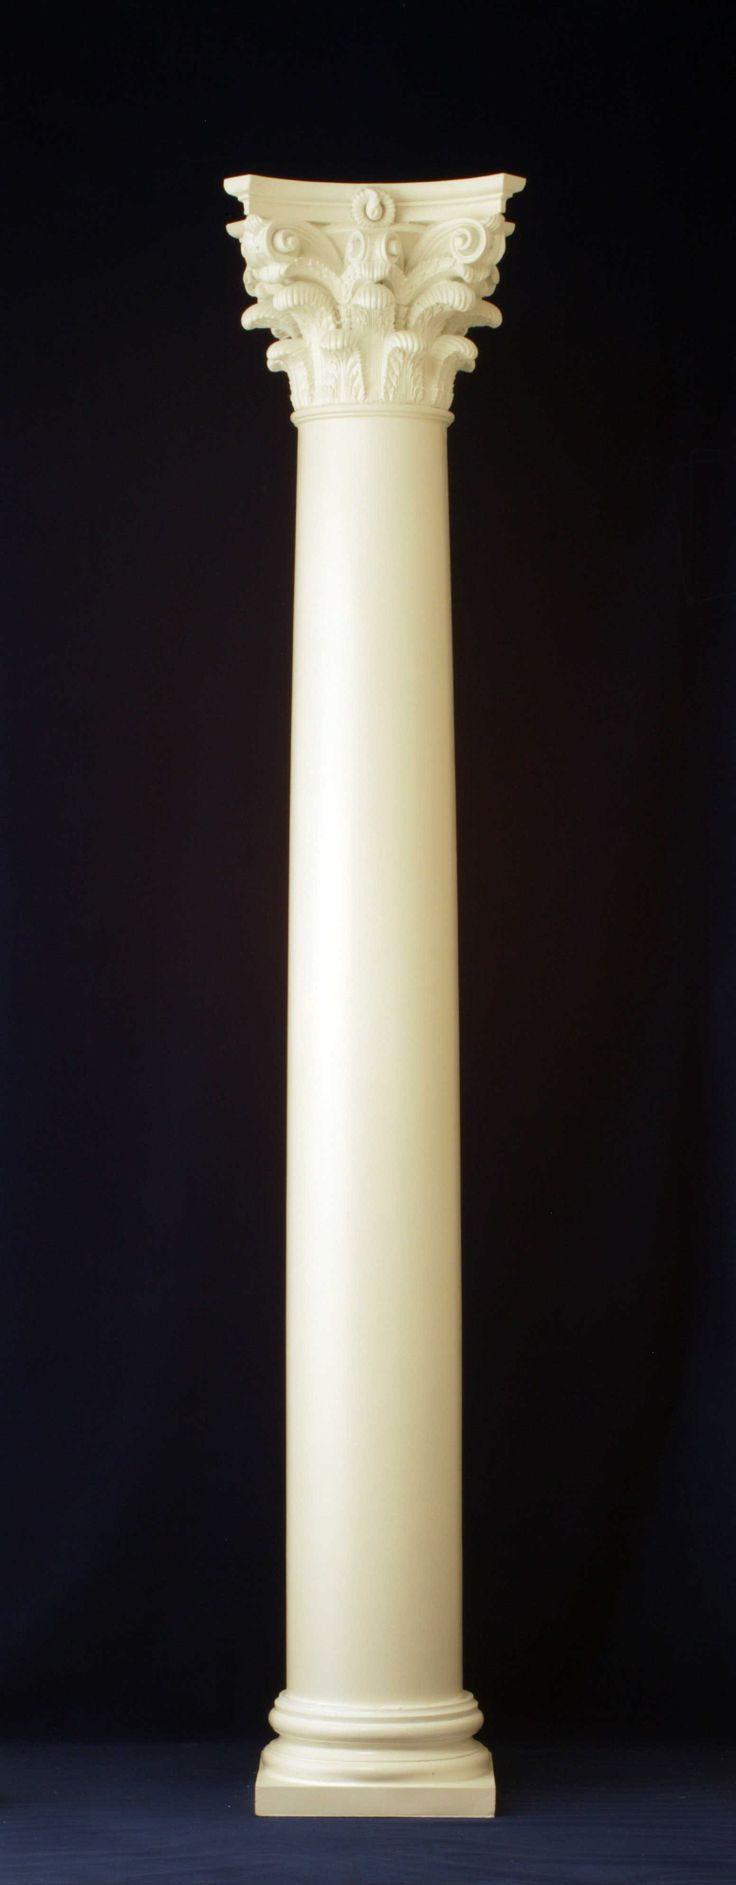 Crown Columns Fiberglass : The best fiberglass columns ideas on pinterest